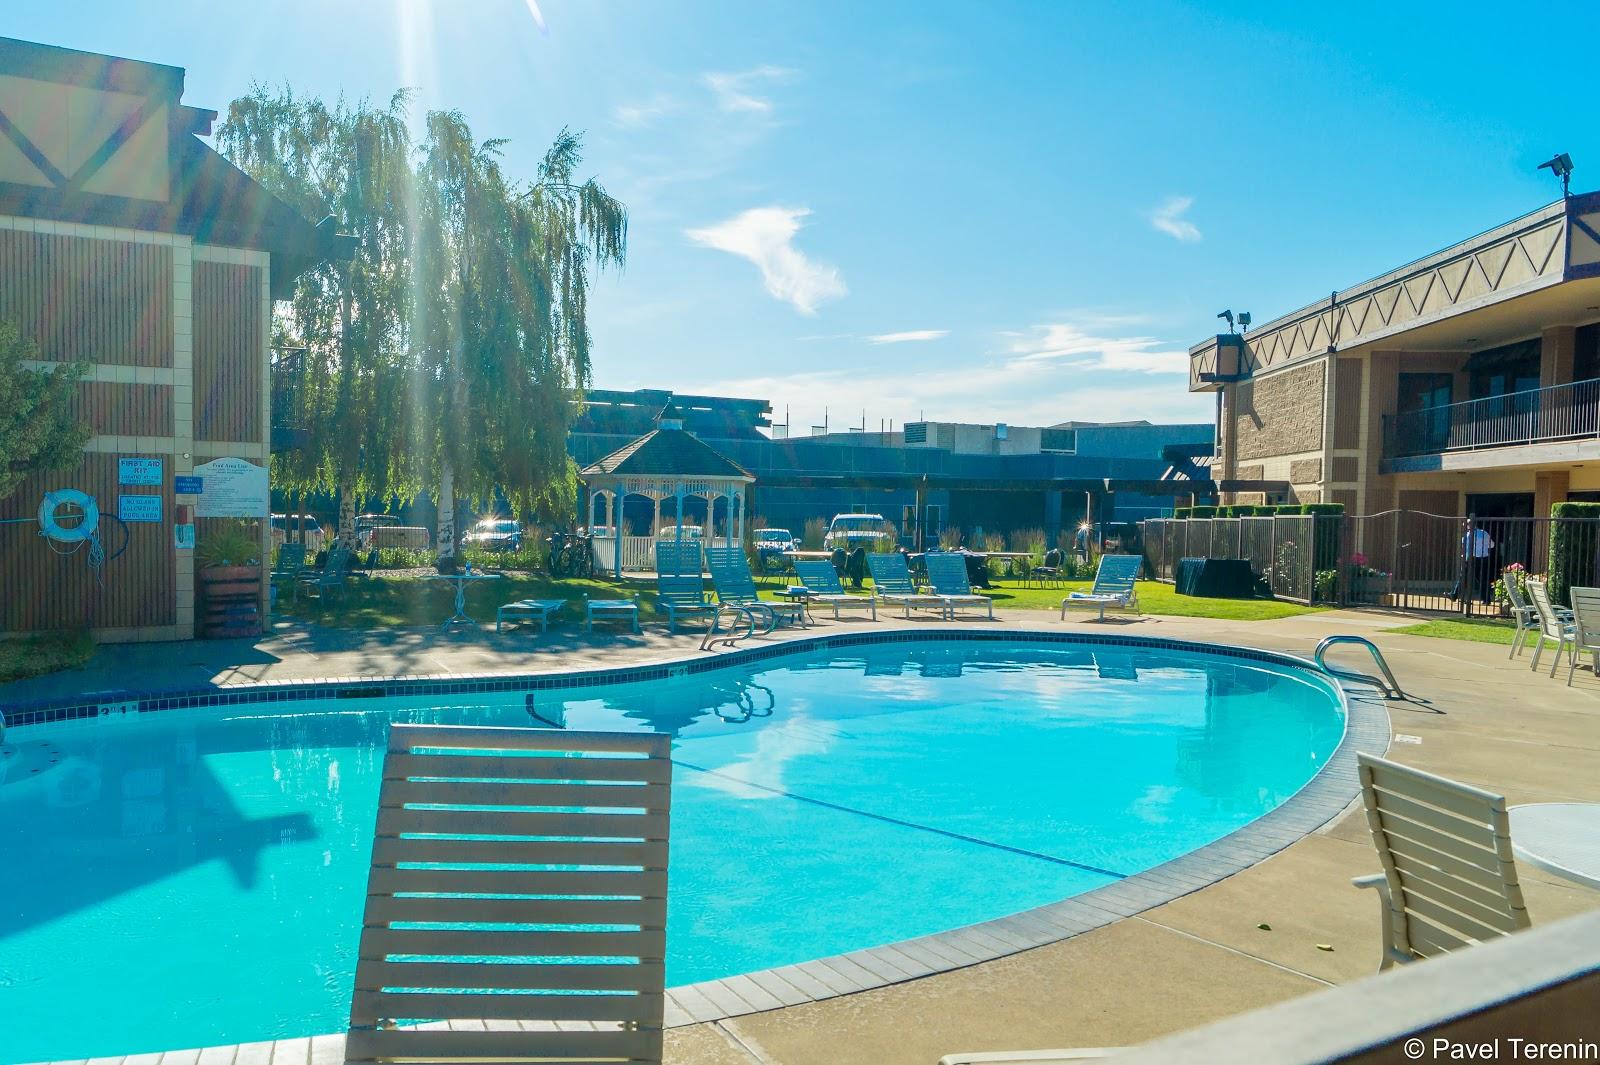 Компания, где работает Влада, поселила нас в уютный небольшой отель со своим бассейном и спортзалом.